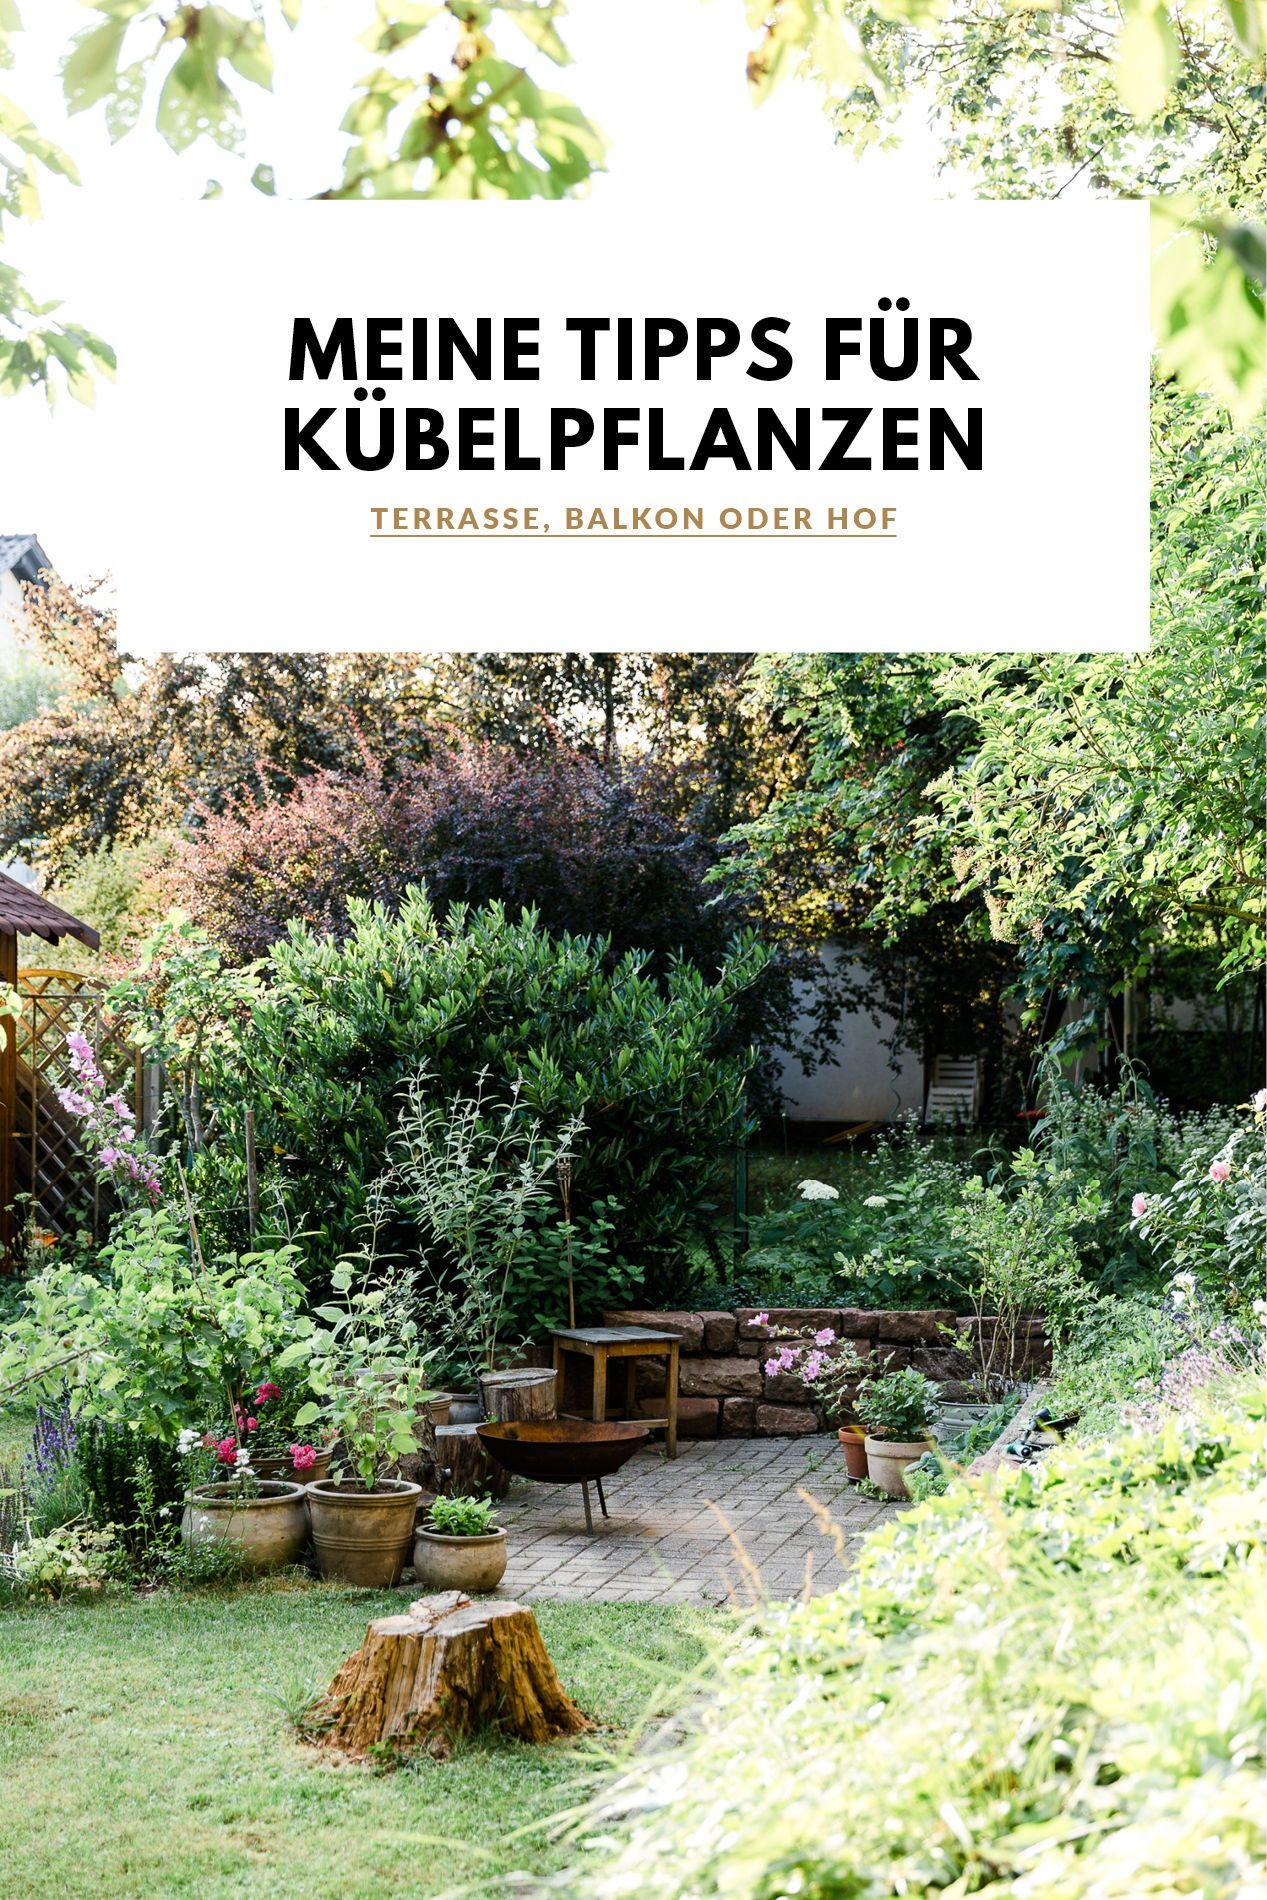 Gartenfeeling Ohne Garten Meine Tipps Fur Kubelpflanzen In 2020 Kubelpflanzen Pflanzen Garten Pflanzen